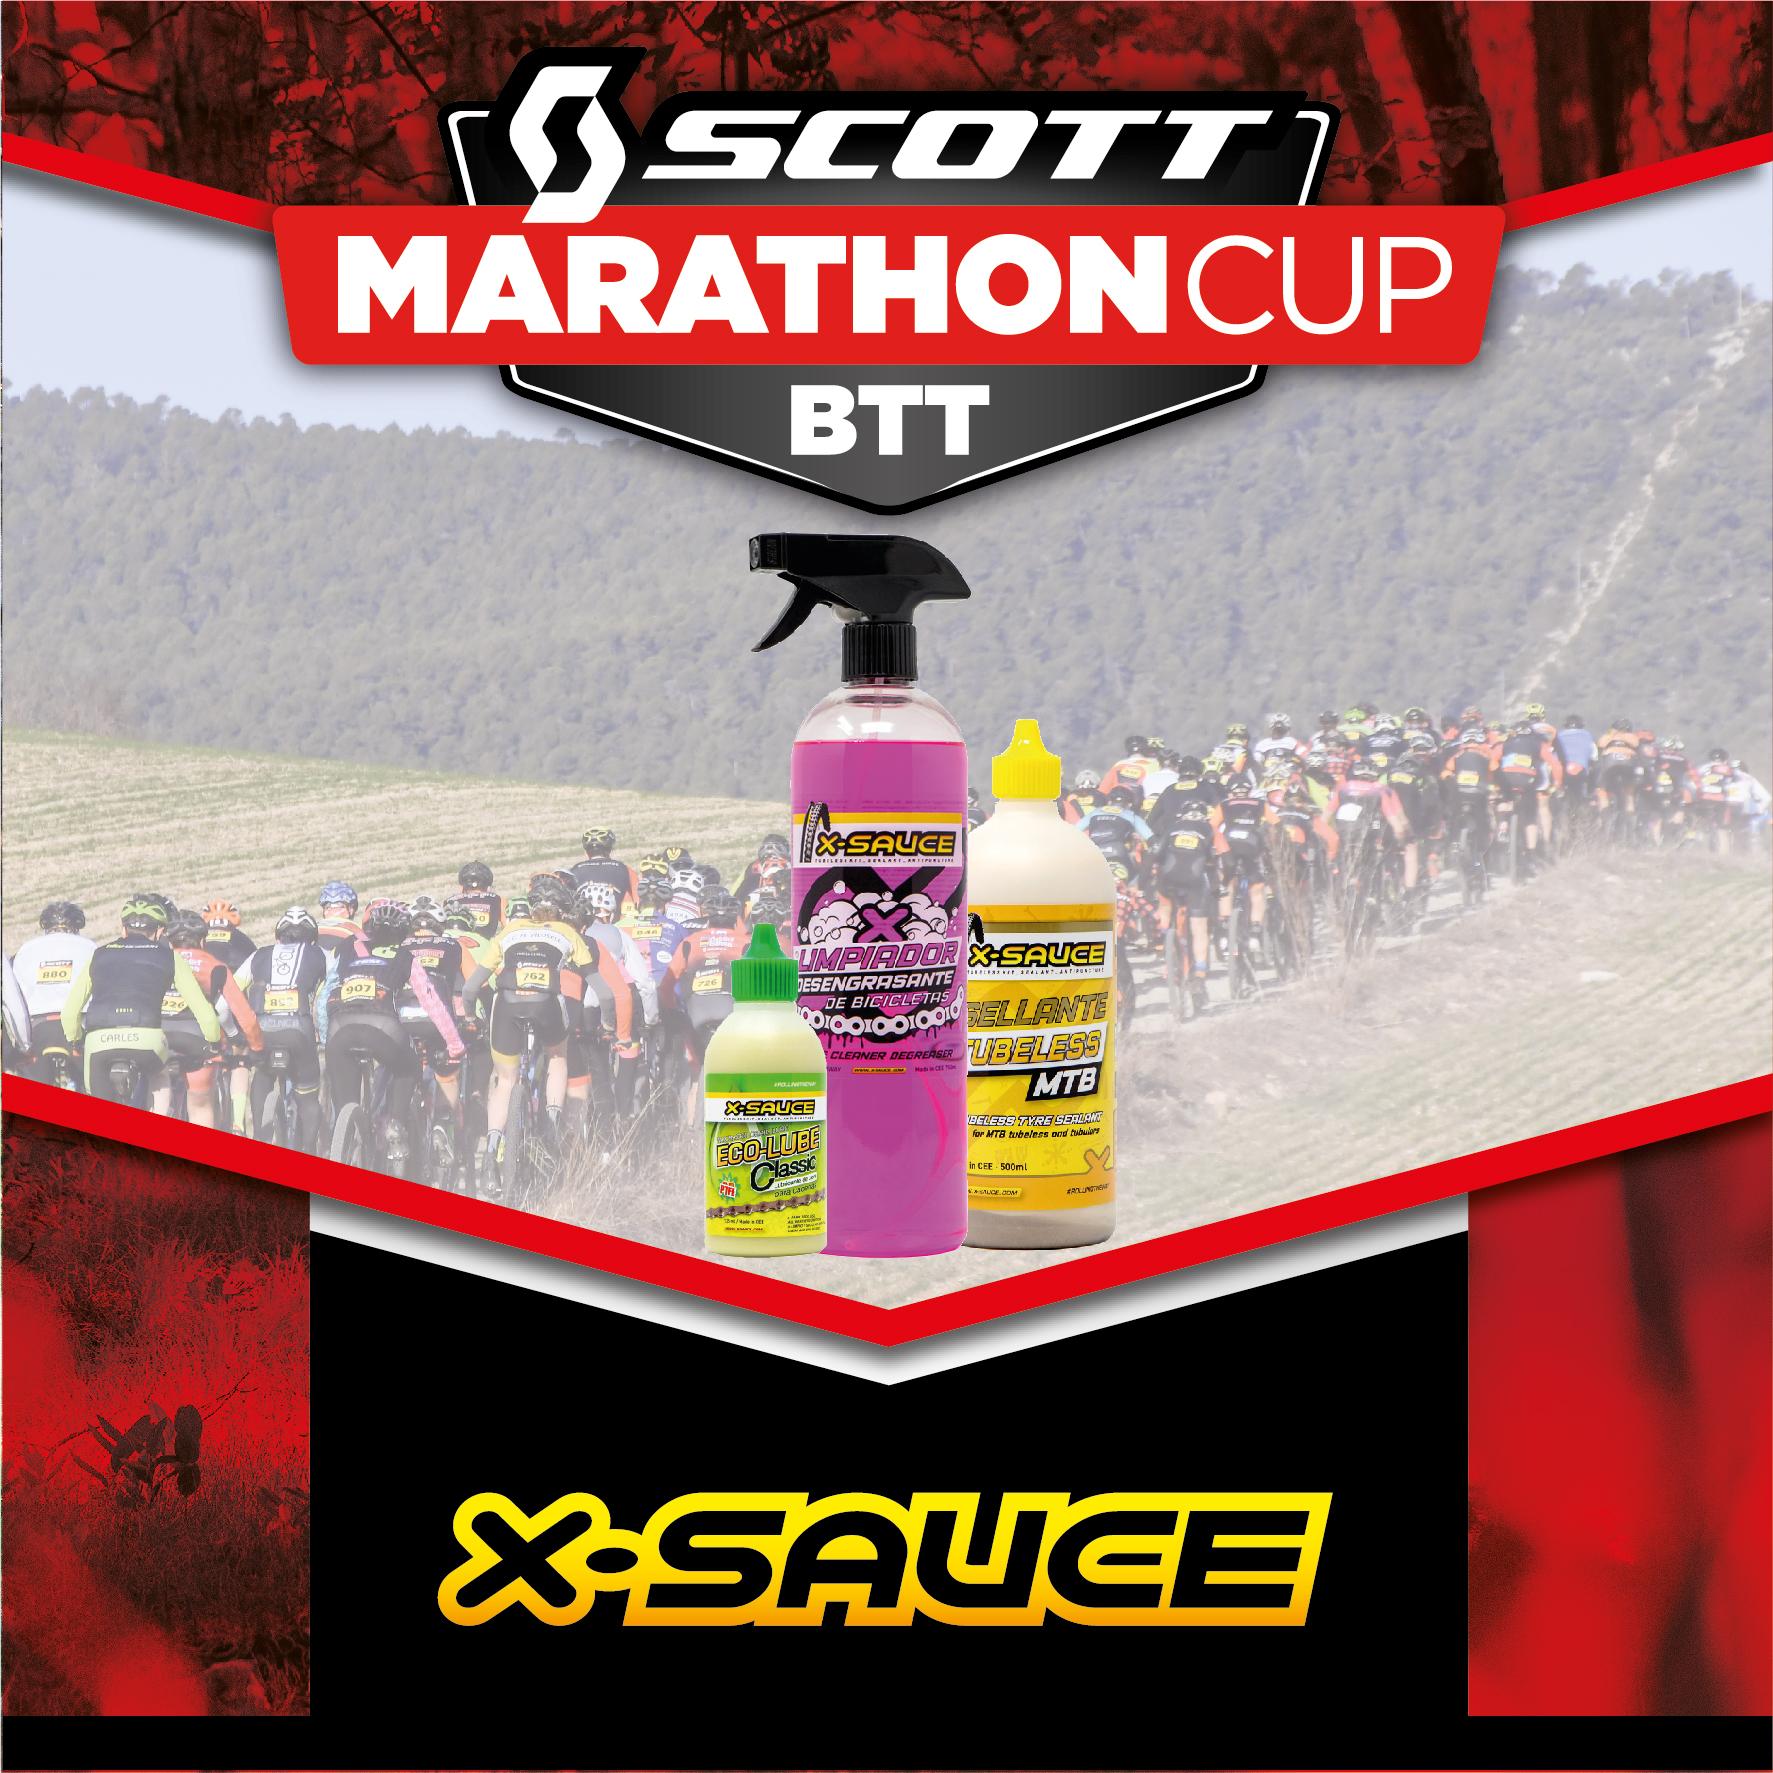 X-Sauce nuevo patrocinador de la Scott Marathon Cup 2020